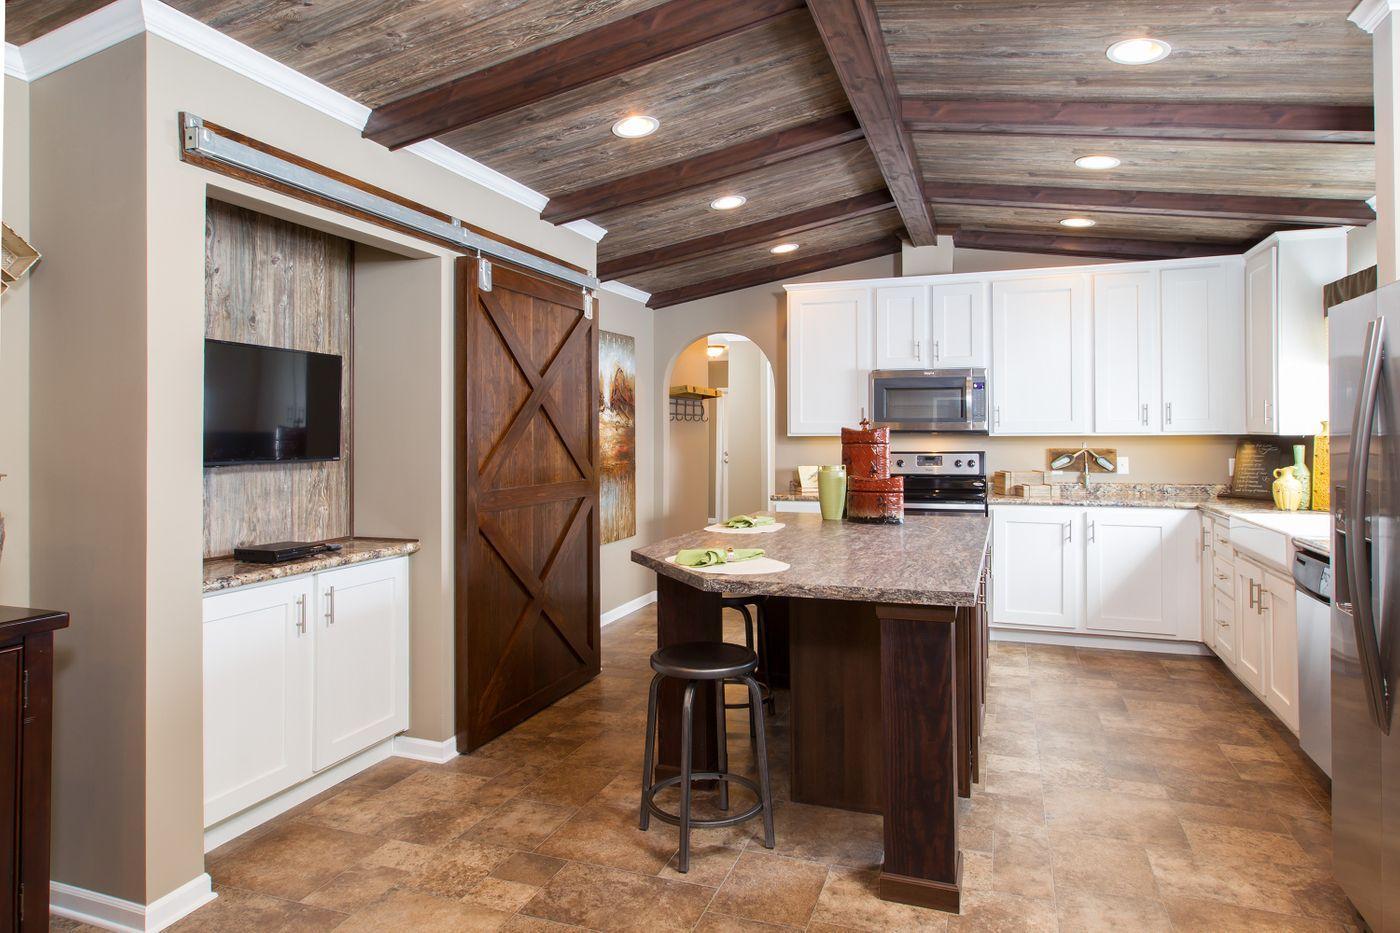 The Cavalier Kitchen